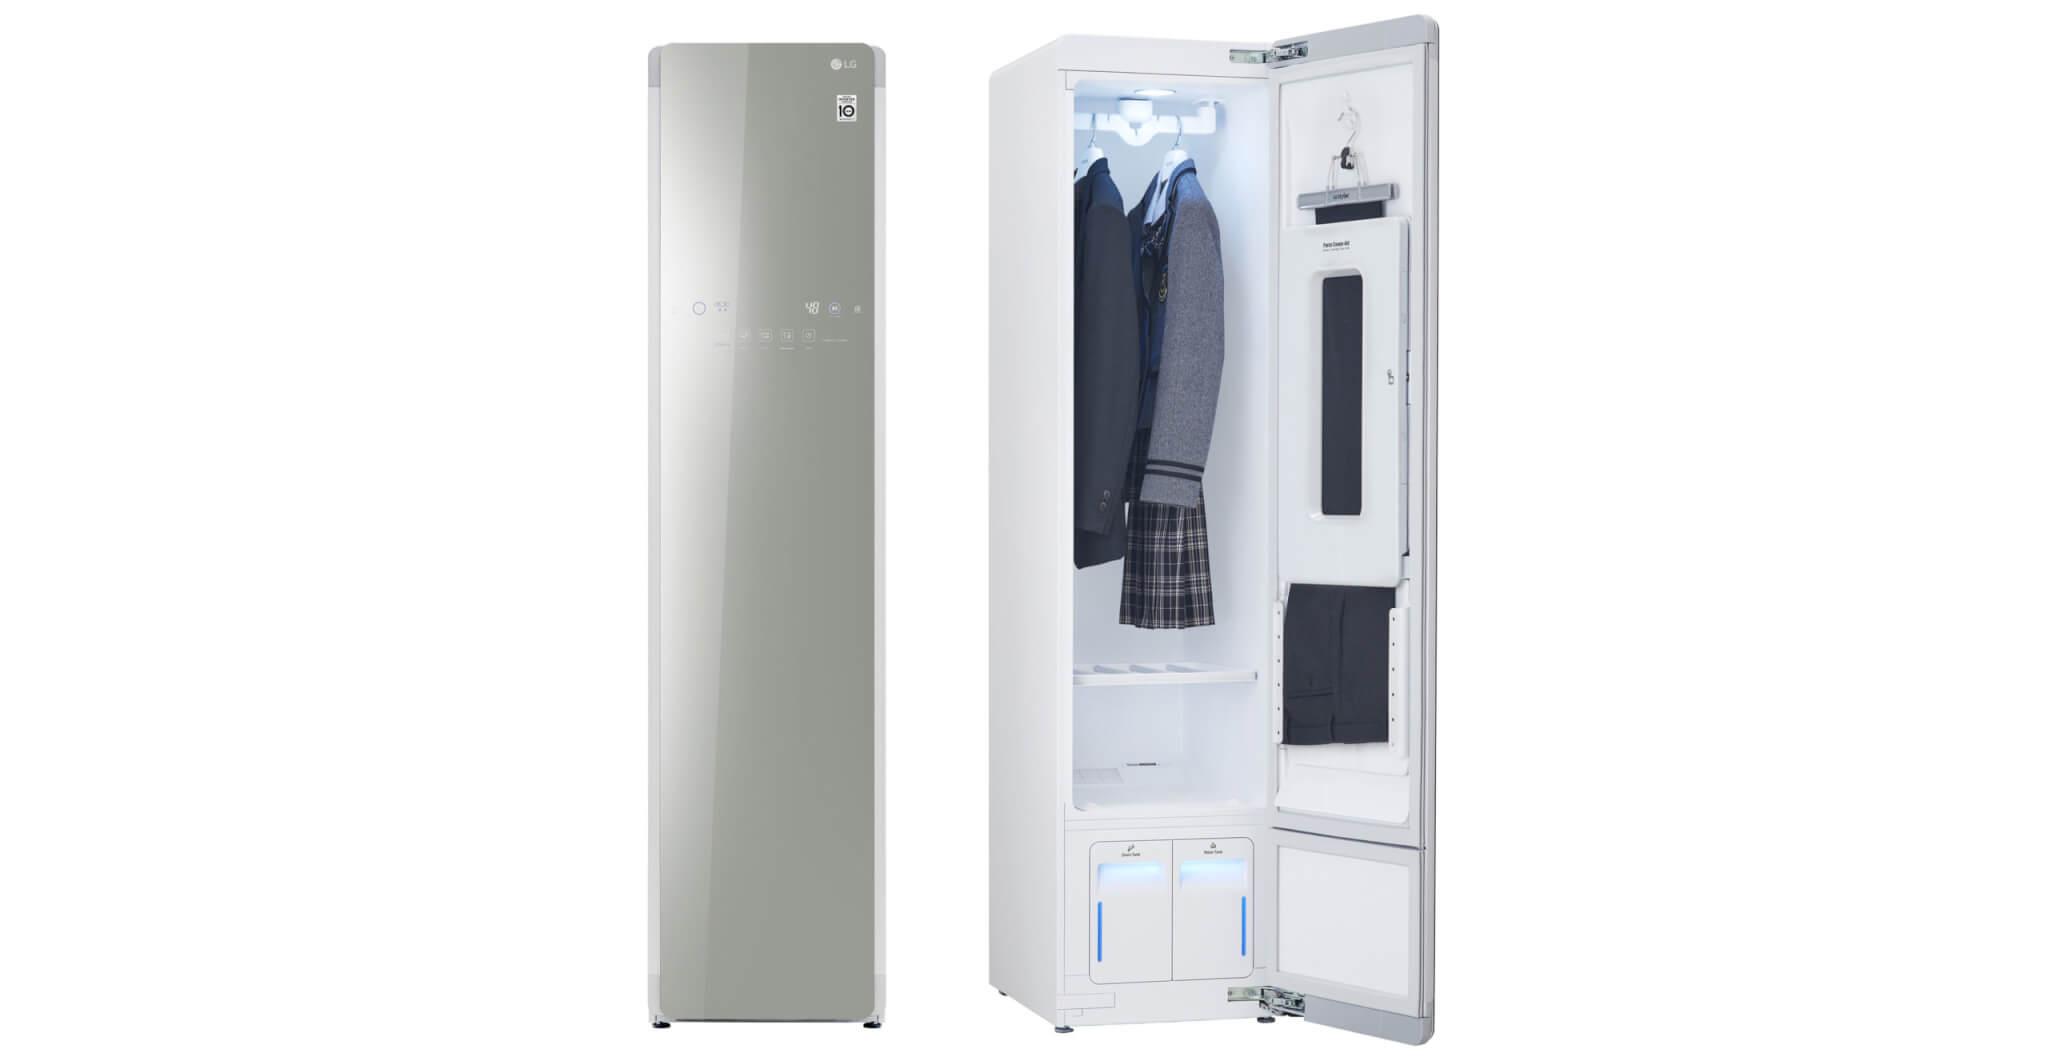 「入れるだけ」の衣類ケア家電 LG styler(スタイラー)